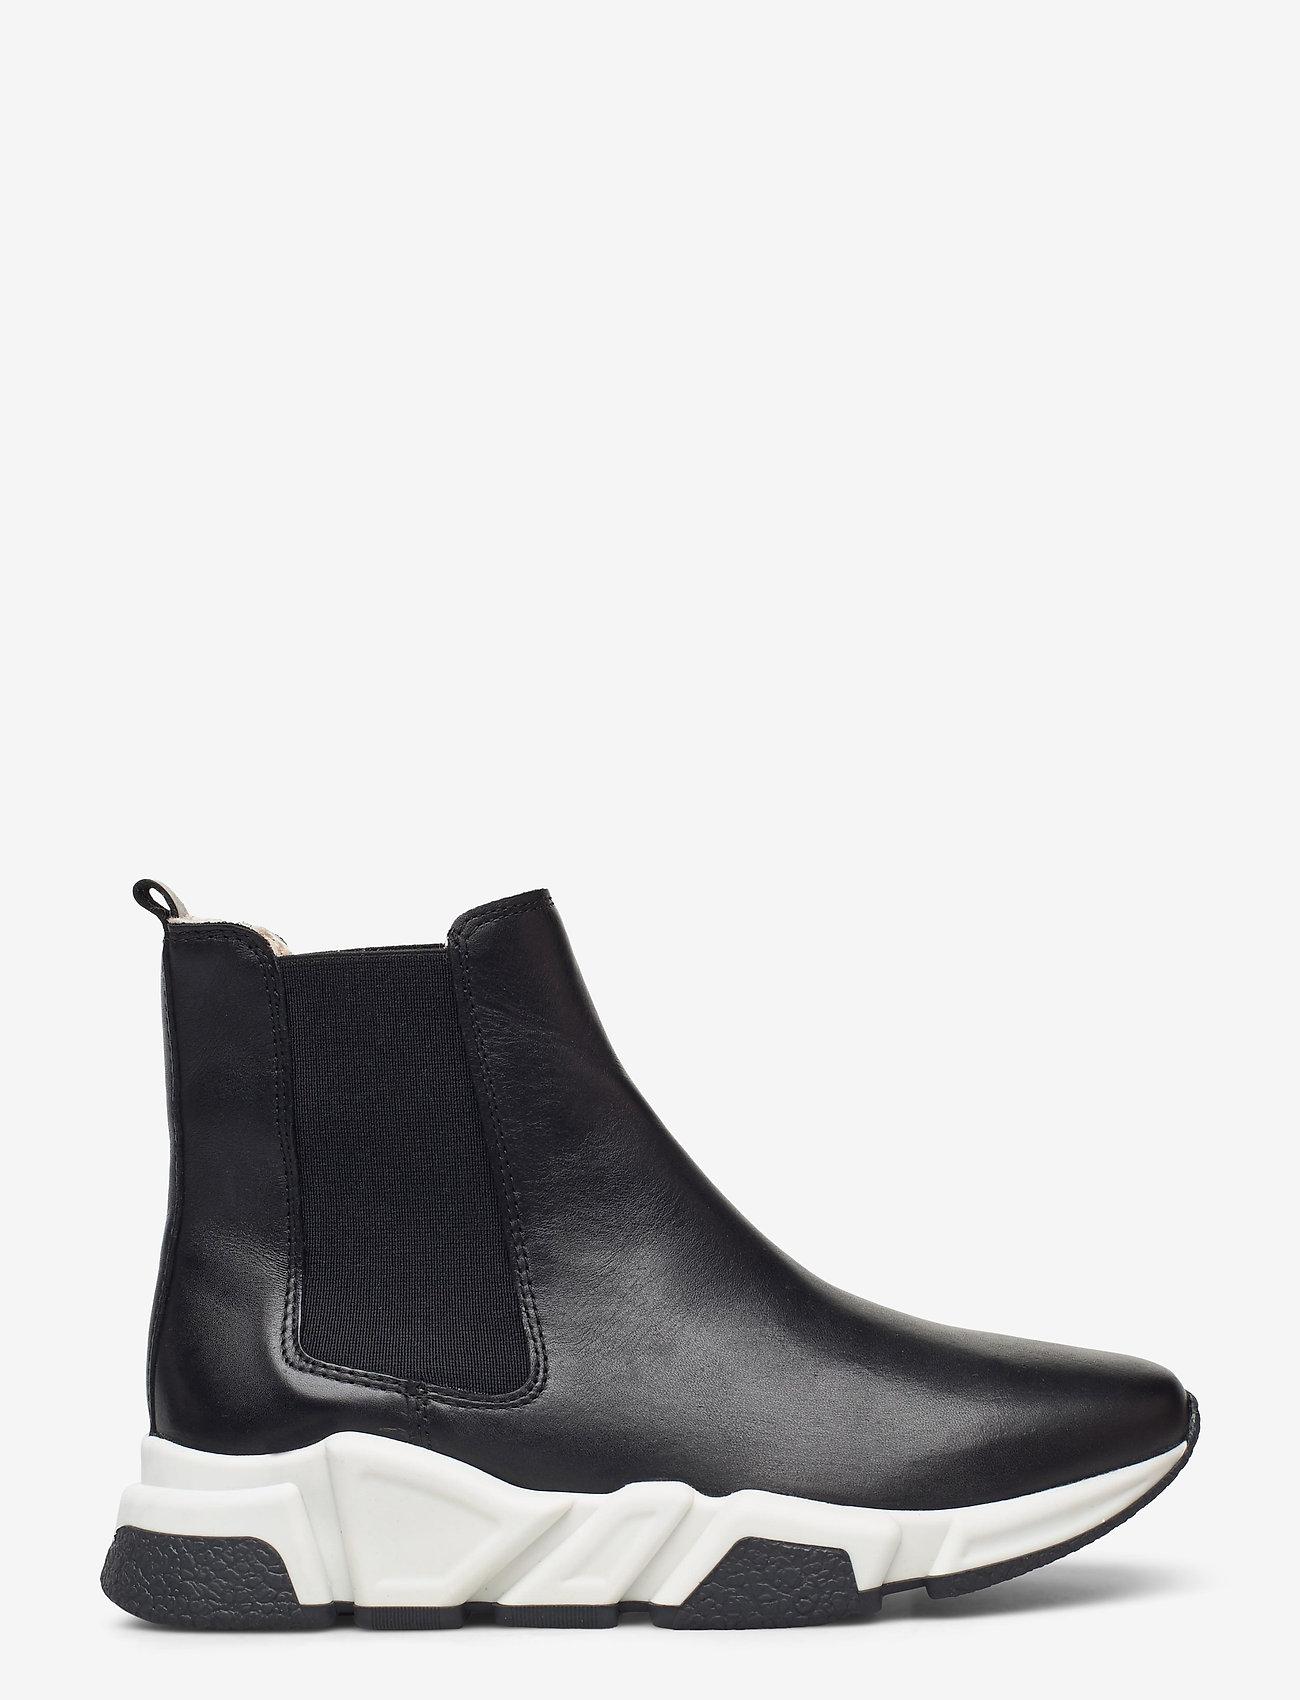 Billi Bi - Warm lining 14866 - flat ankle boots - black calf 80 - 1